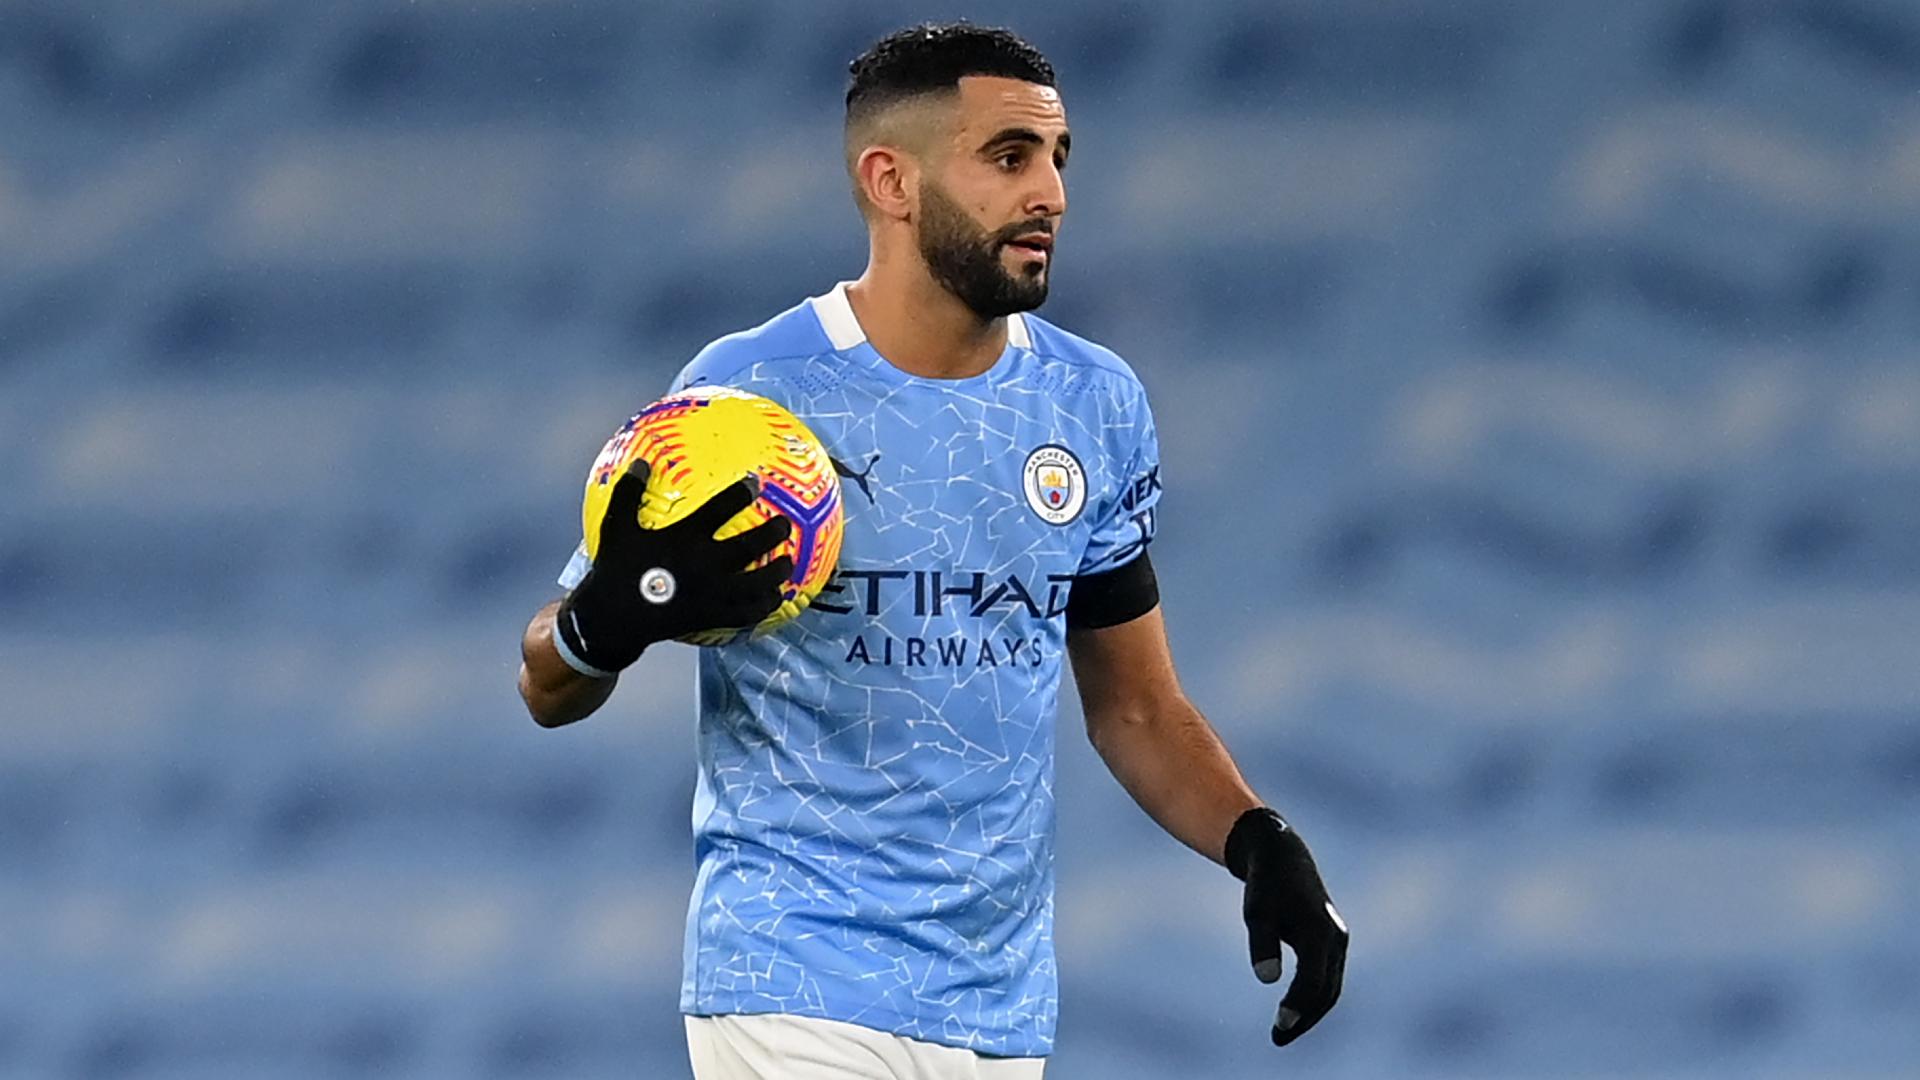 Manchester City v Burnley Wedstrijdverslag, 28-11-20, Premier League